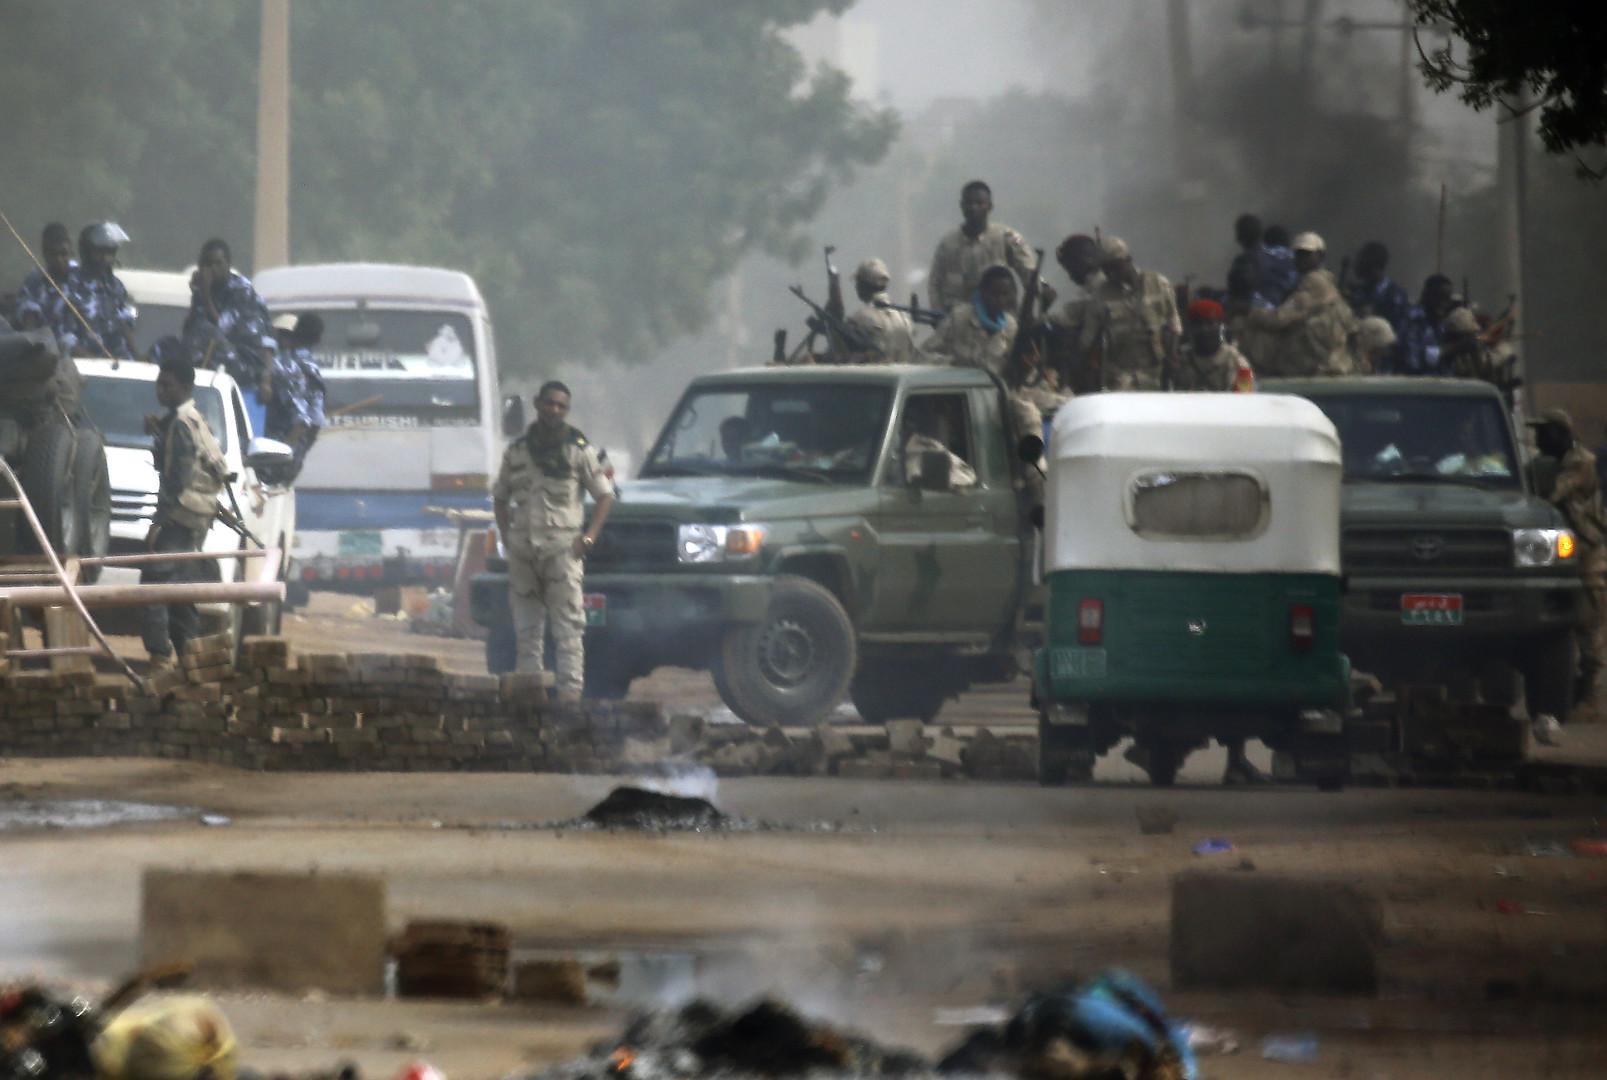 السودان.. ارتفاع عدد ضحايا فض الاعتصام بالخرطوم لـ35 قتيلا والنائب العام يأمر بالتحقيق